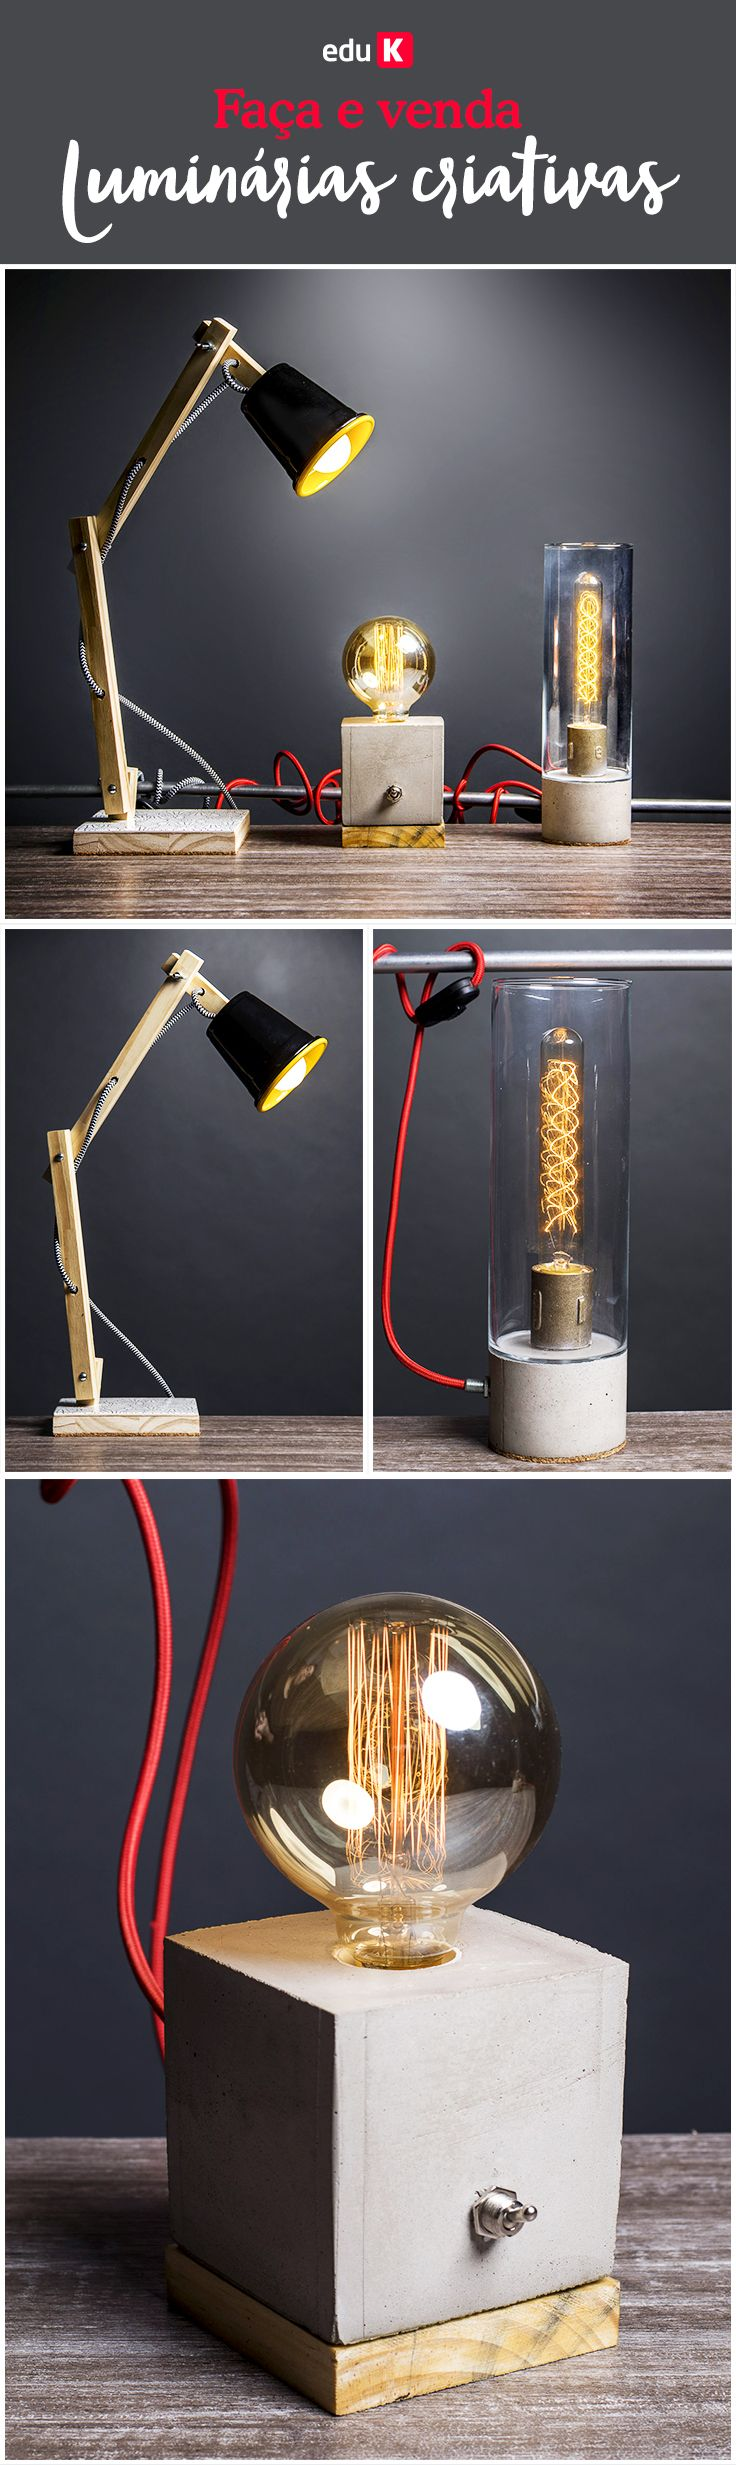 Aprenda com o expert Edu Gomes a confeccionar luminárias cheias de criatividade e transforme materiais diversos em lucro certo.